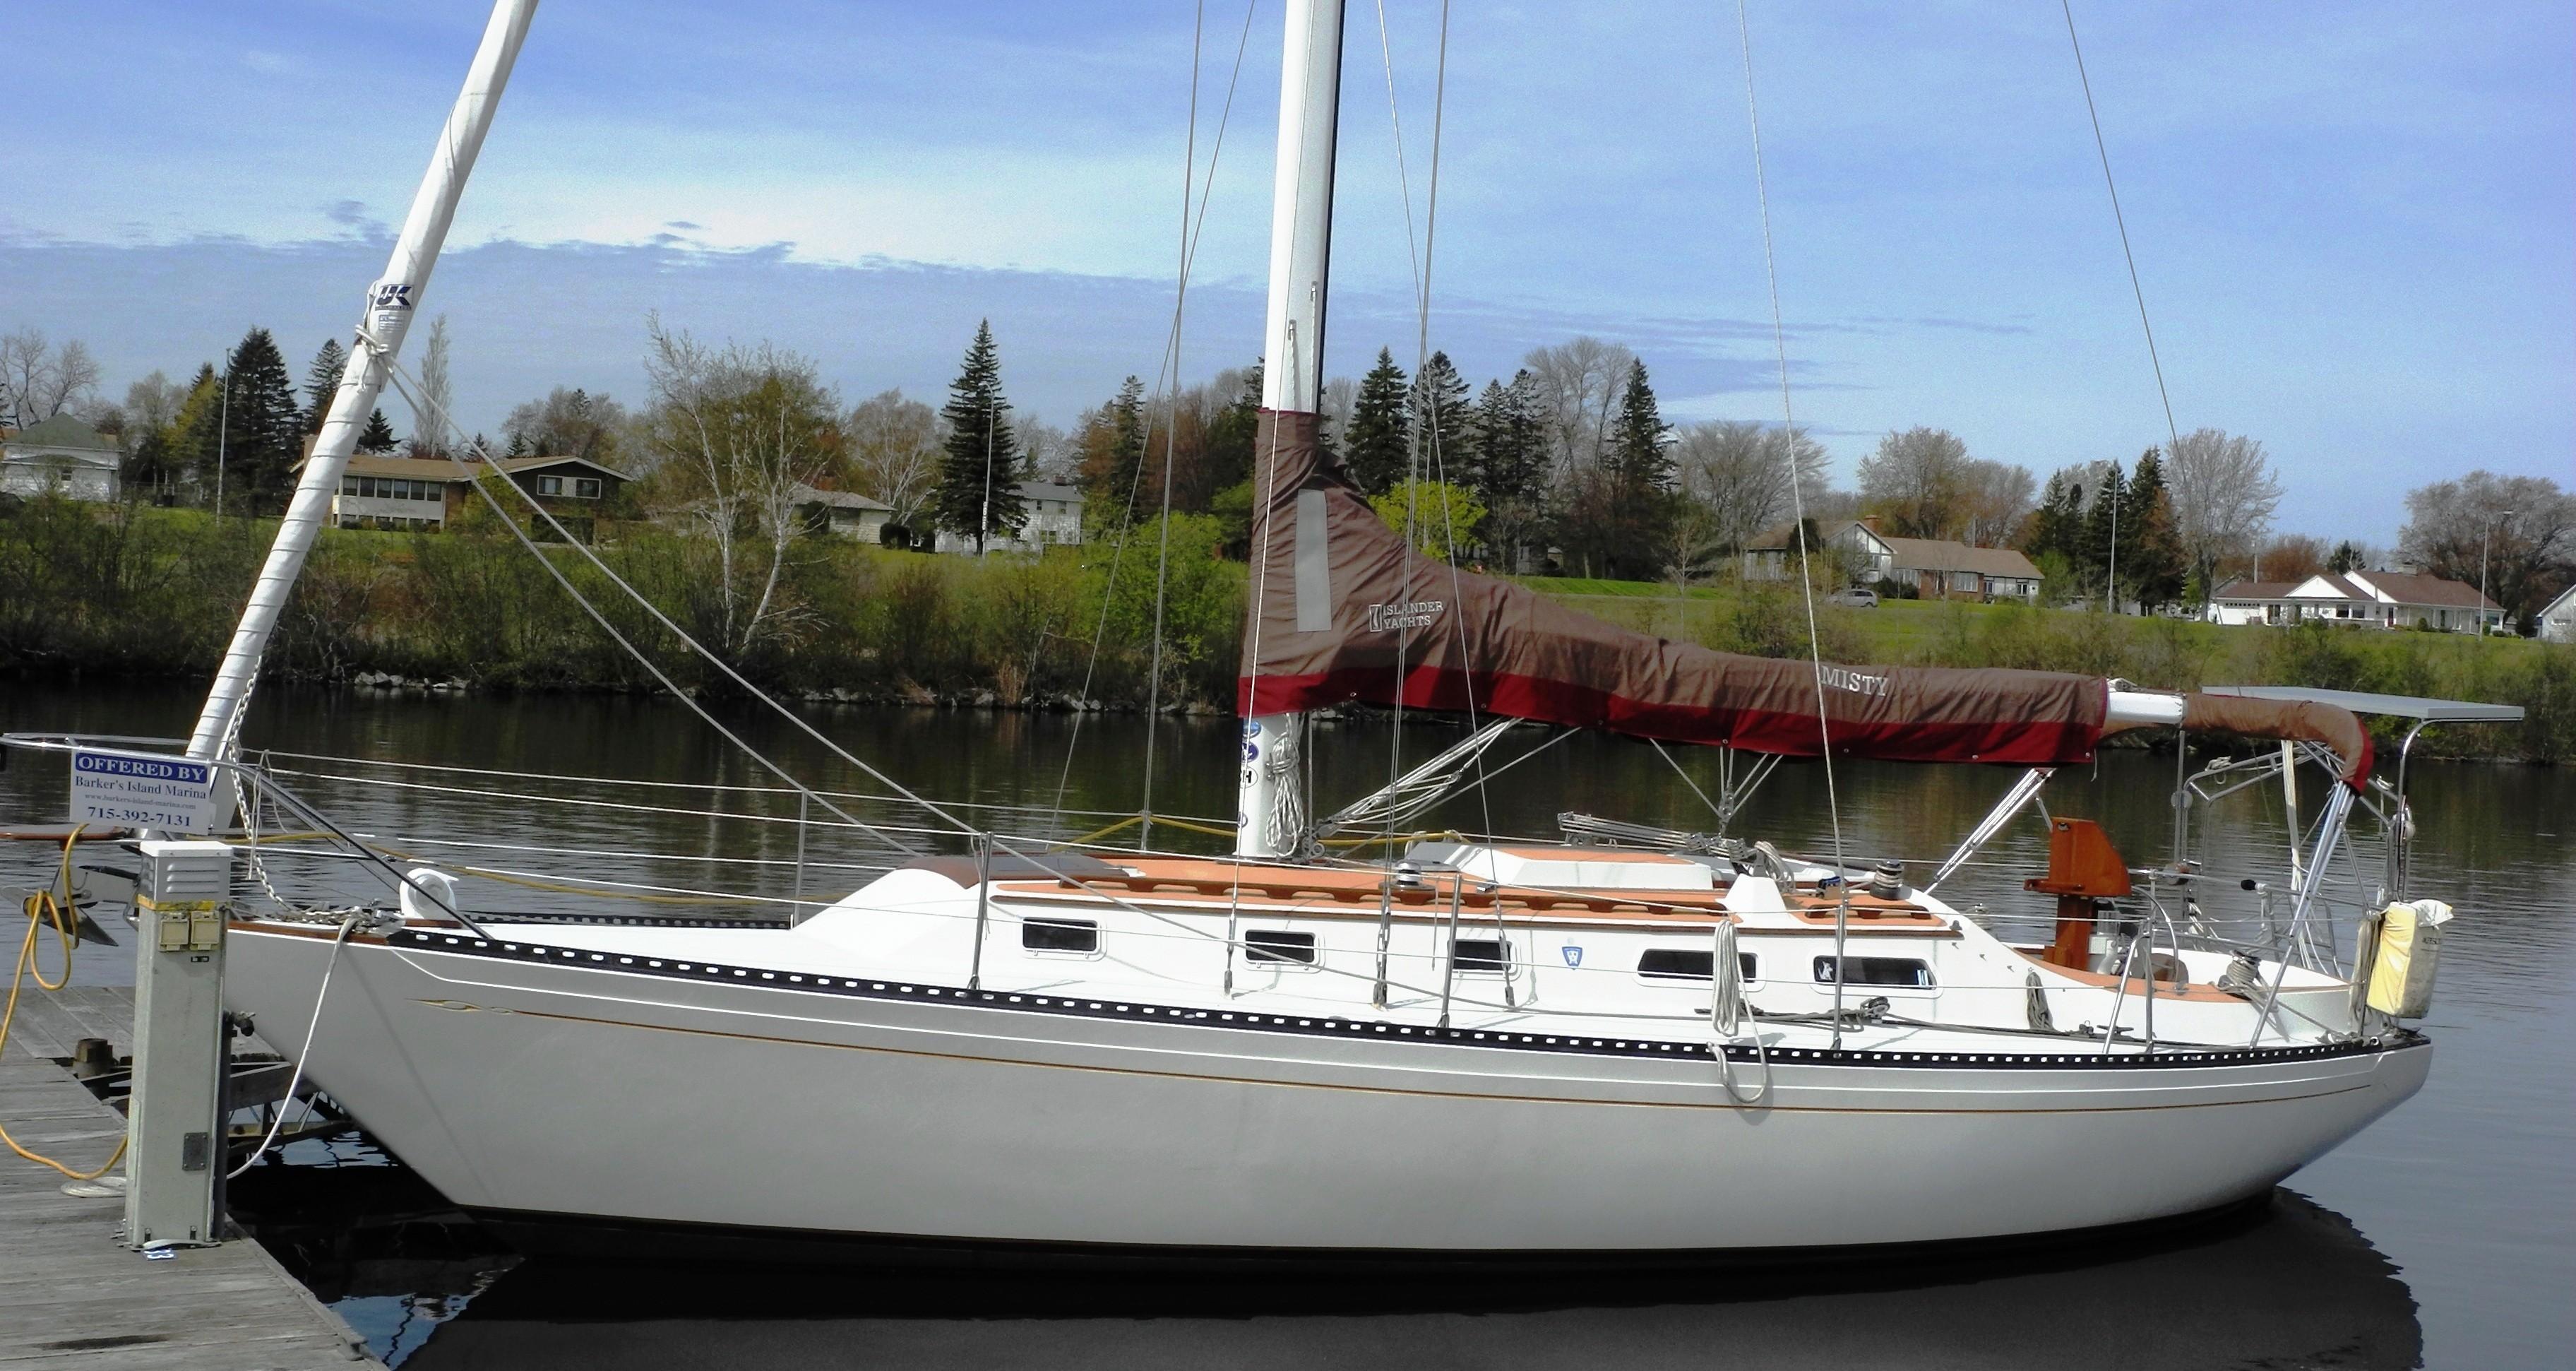 1975 Islander 36 Sail Boat For Sale - www.yachtworld.com